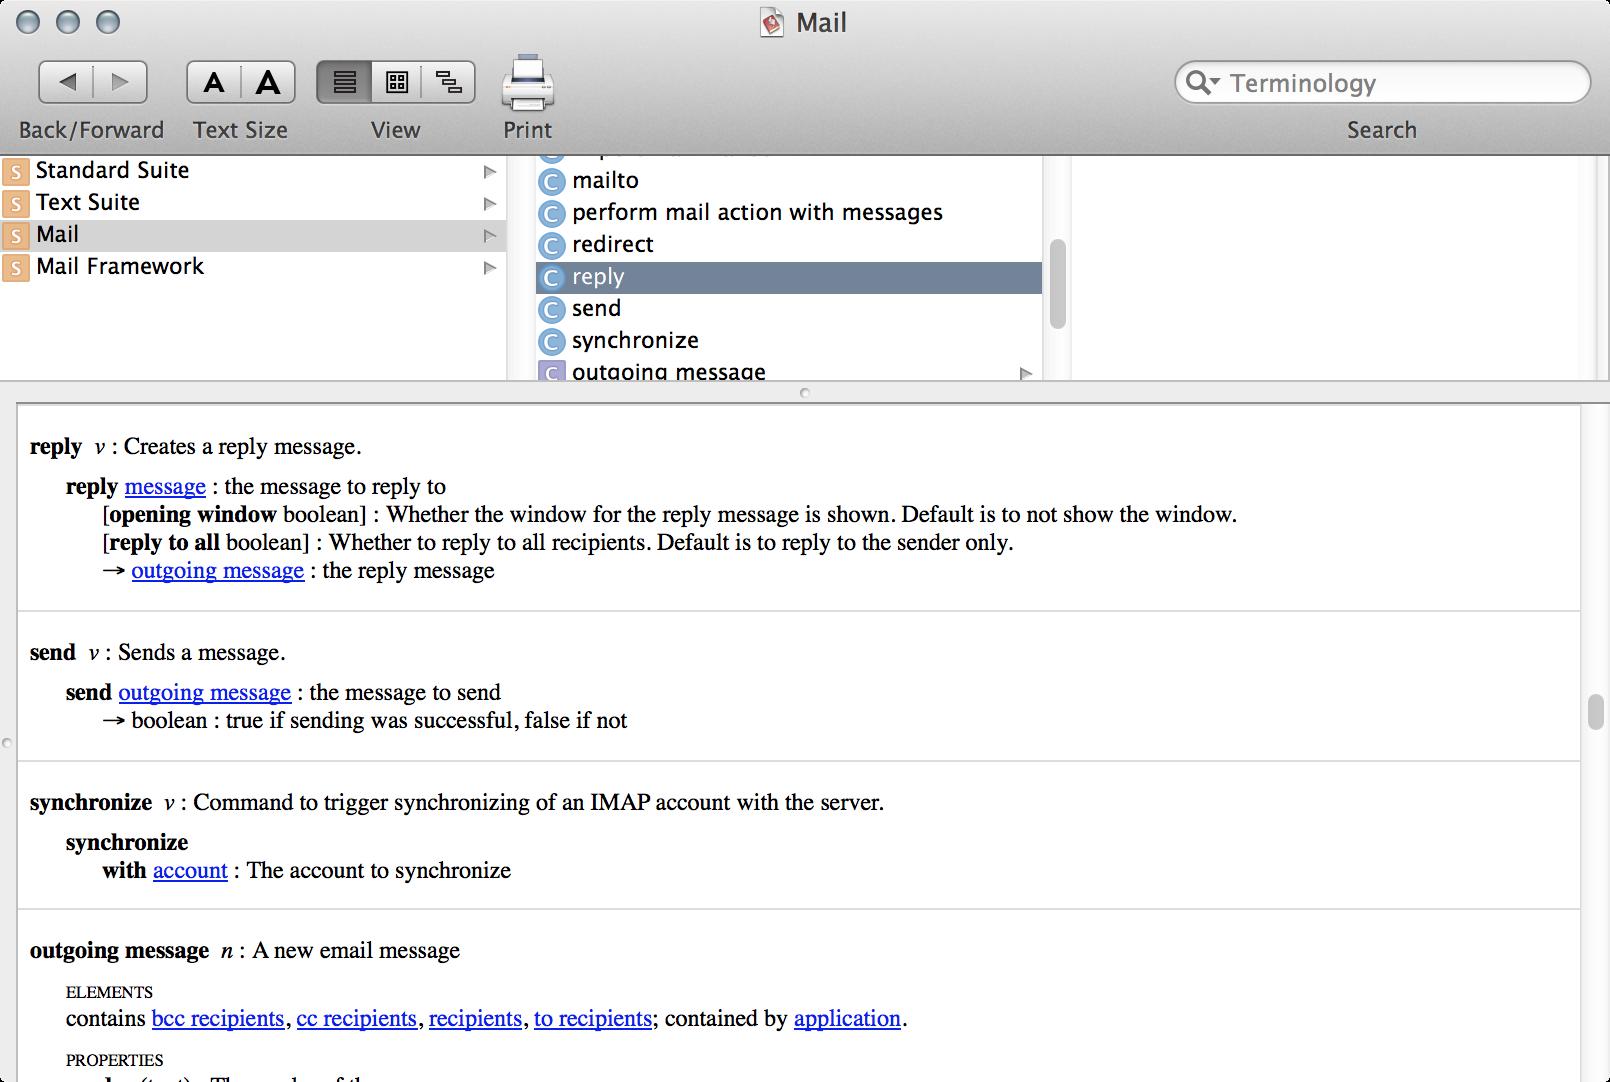 При помощи OSA можно получить полный контроль над маковскими приложениями. Например, попросить почтовик создать и отправить письмо